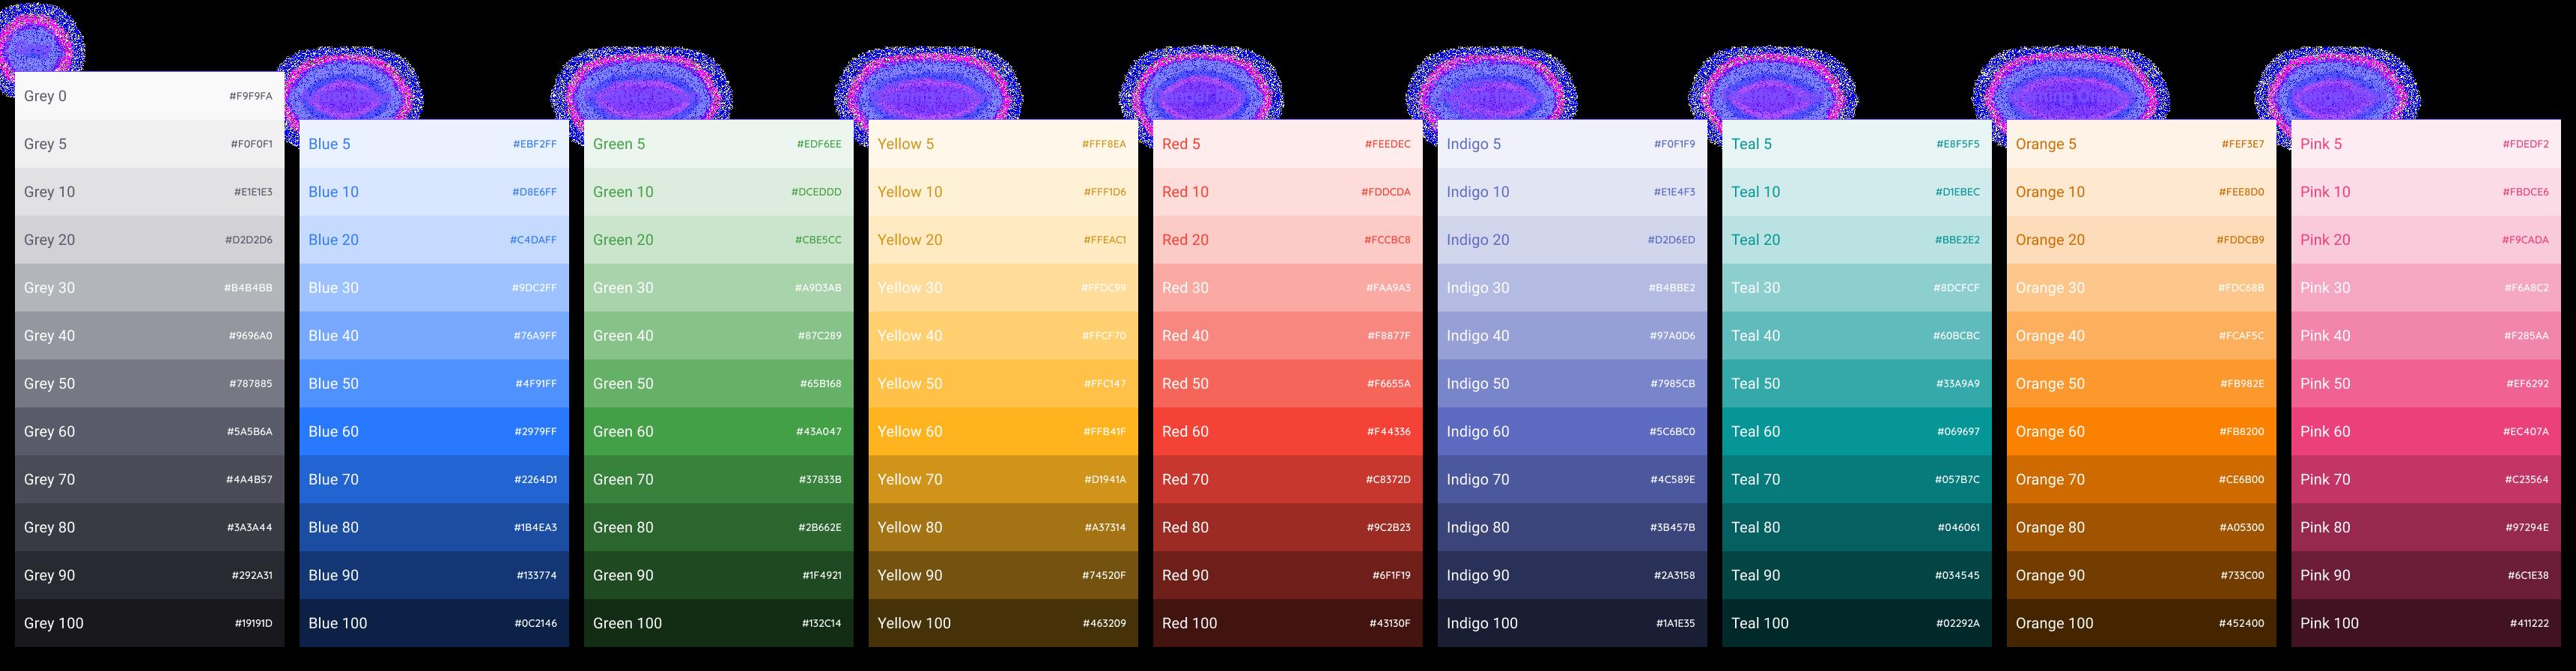 Создание таблиц в дизайн системе Figma и реализация в Storybook (React) - 10